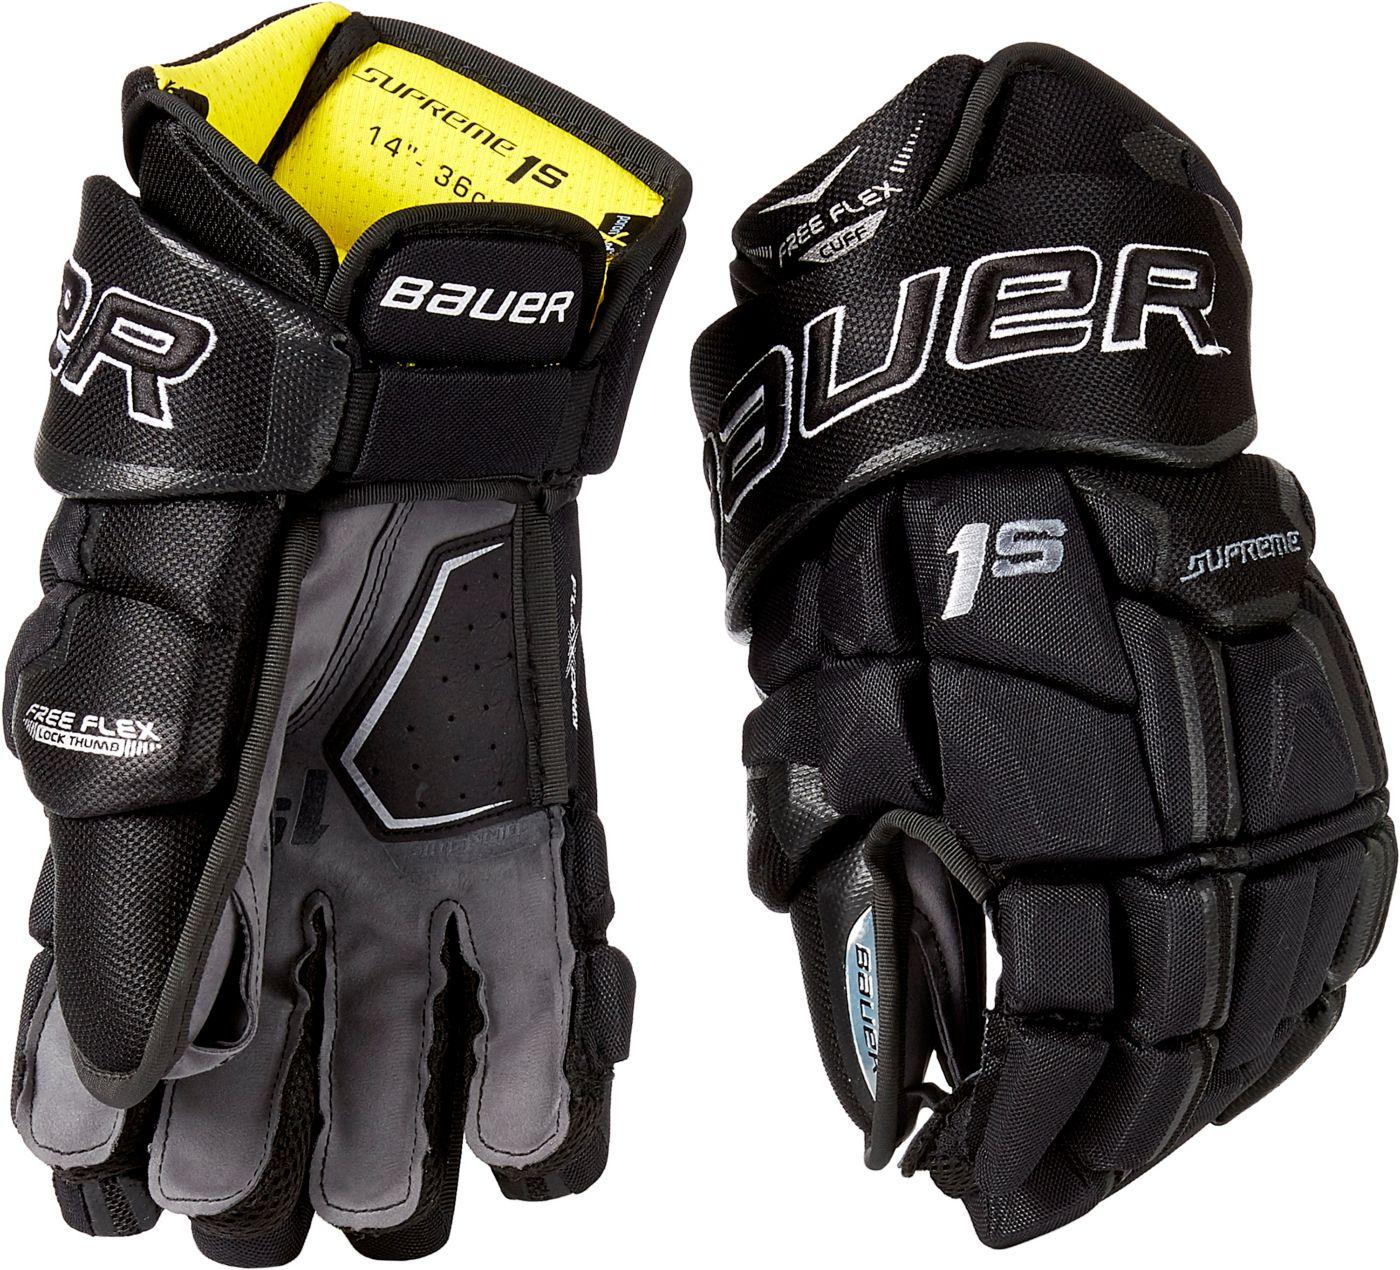 Bauer Junior Supreme 1S Ice Hockey Gloves